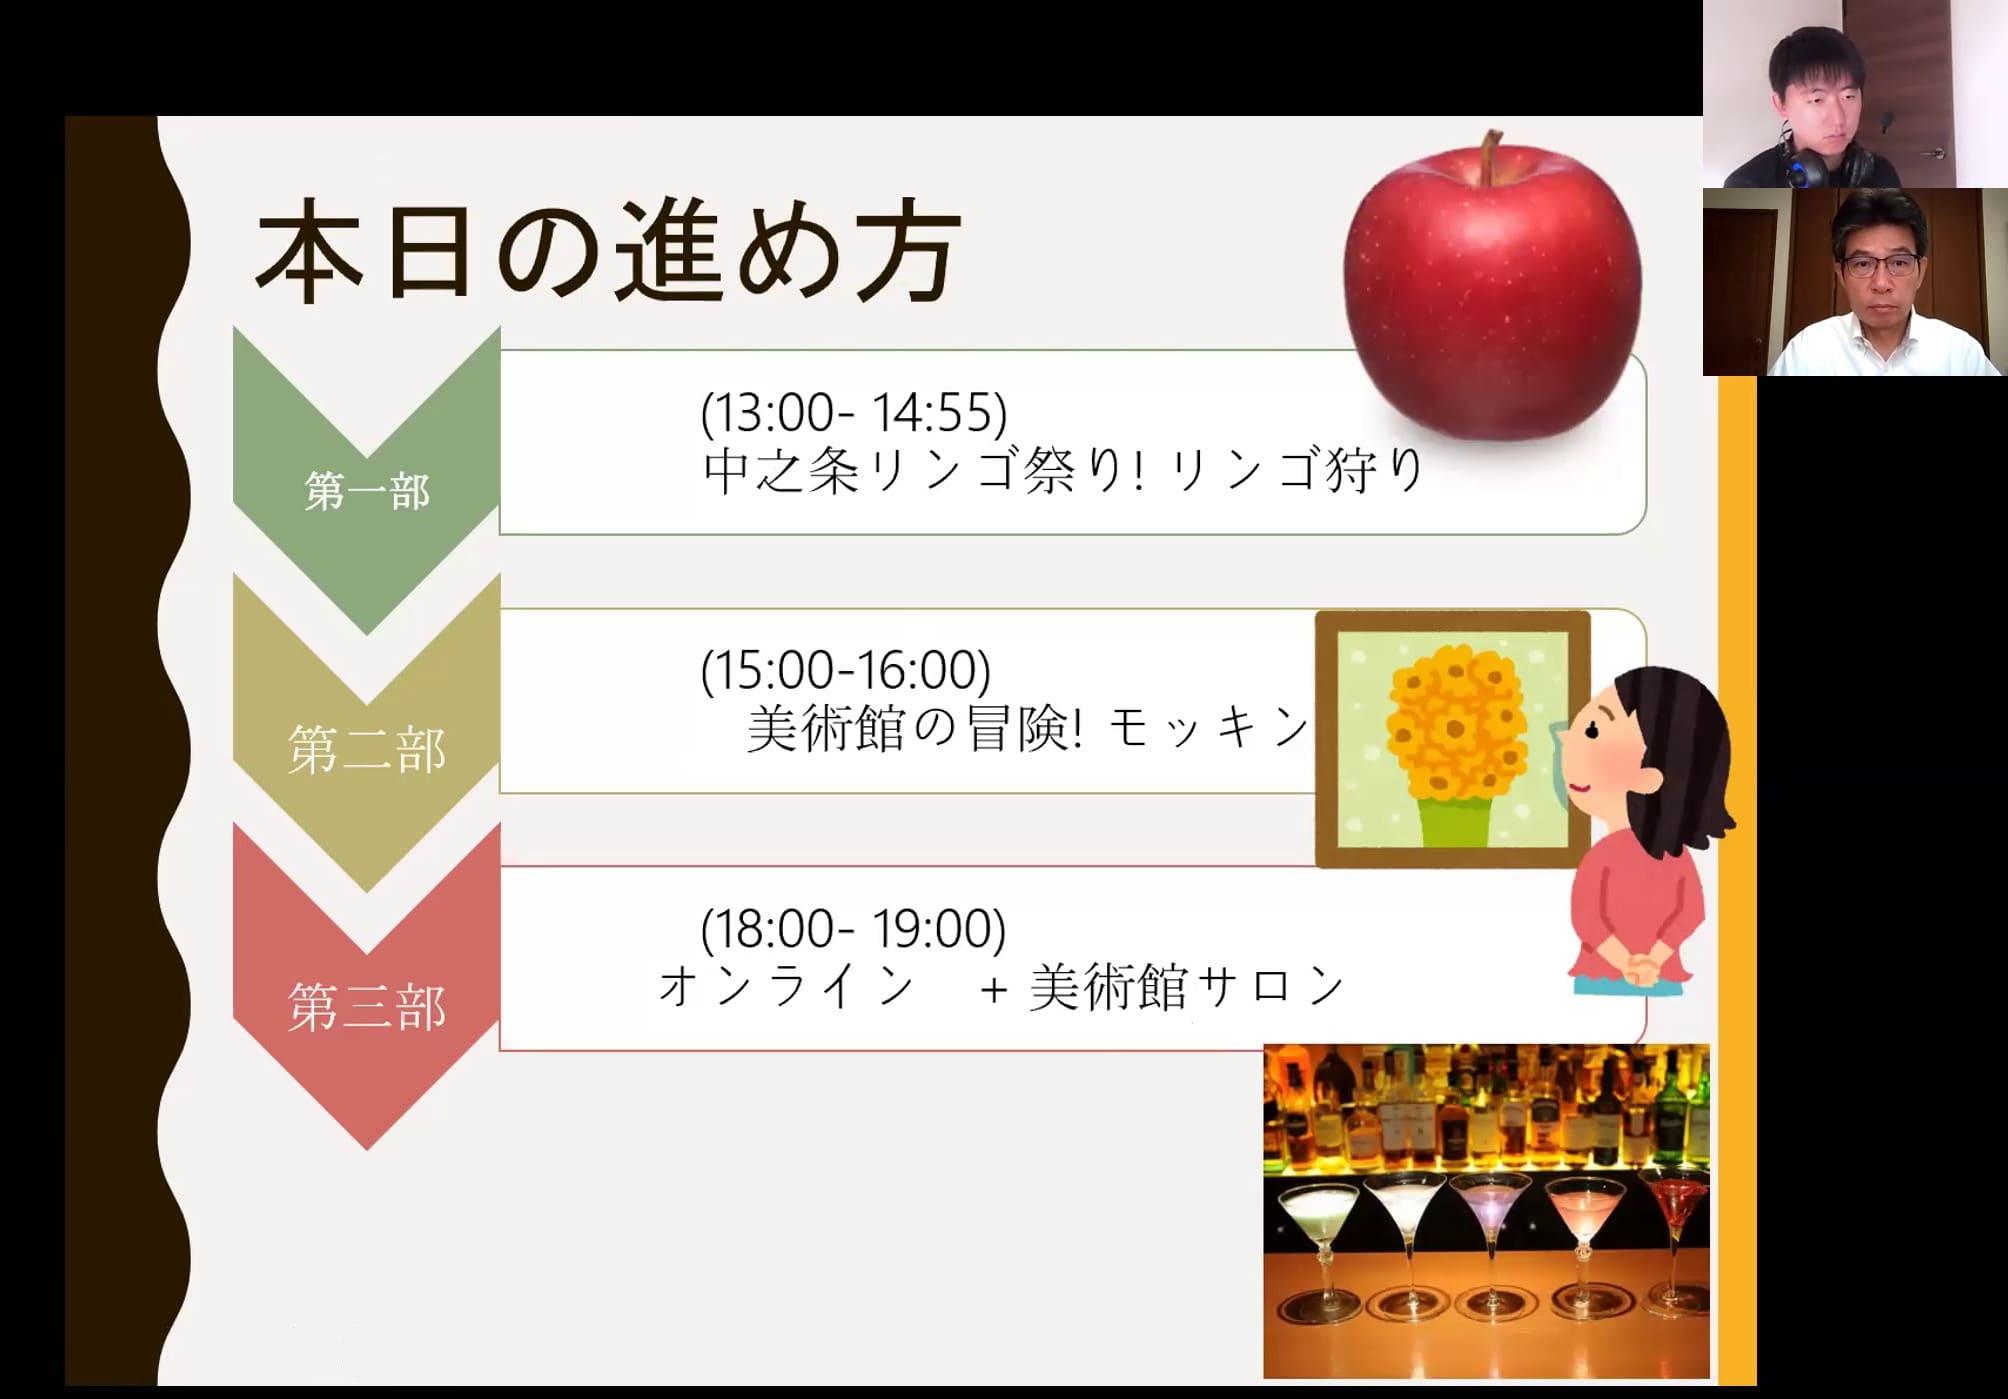 オンラインフェス4芸農報告_01